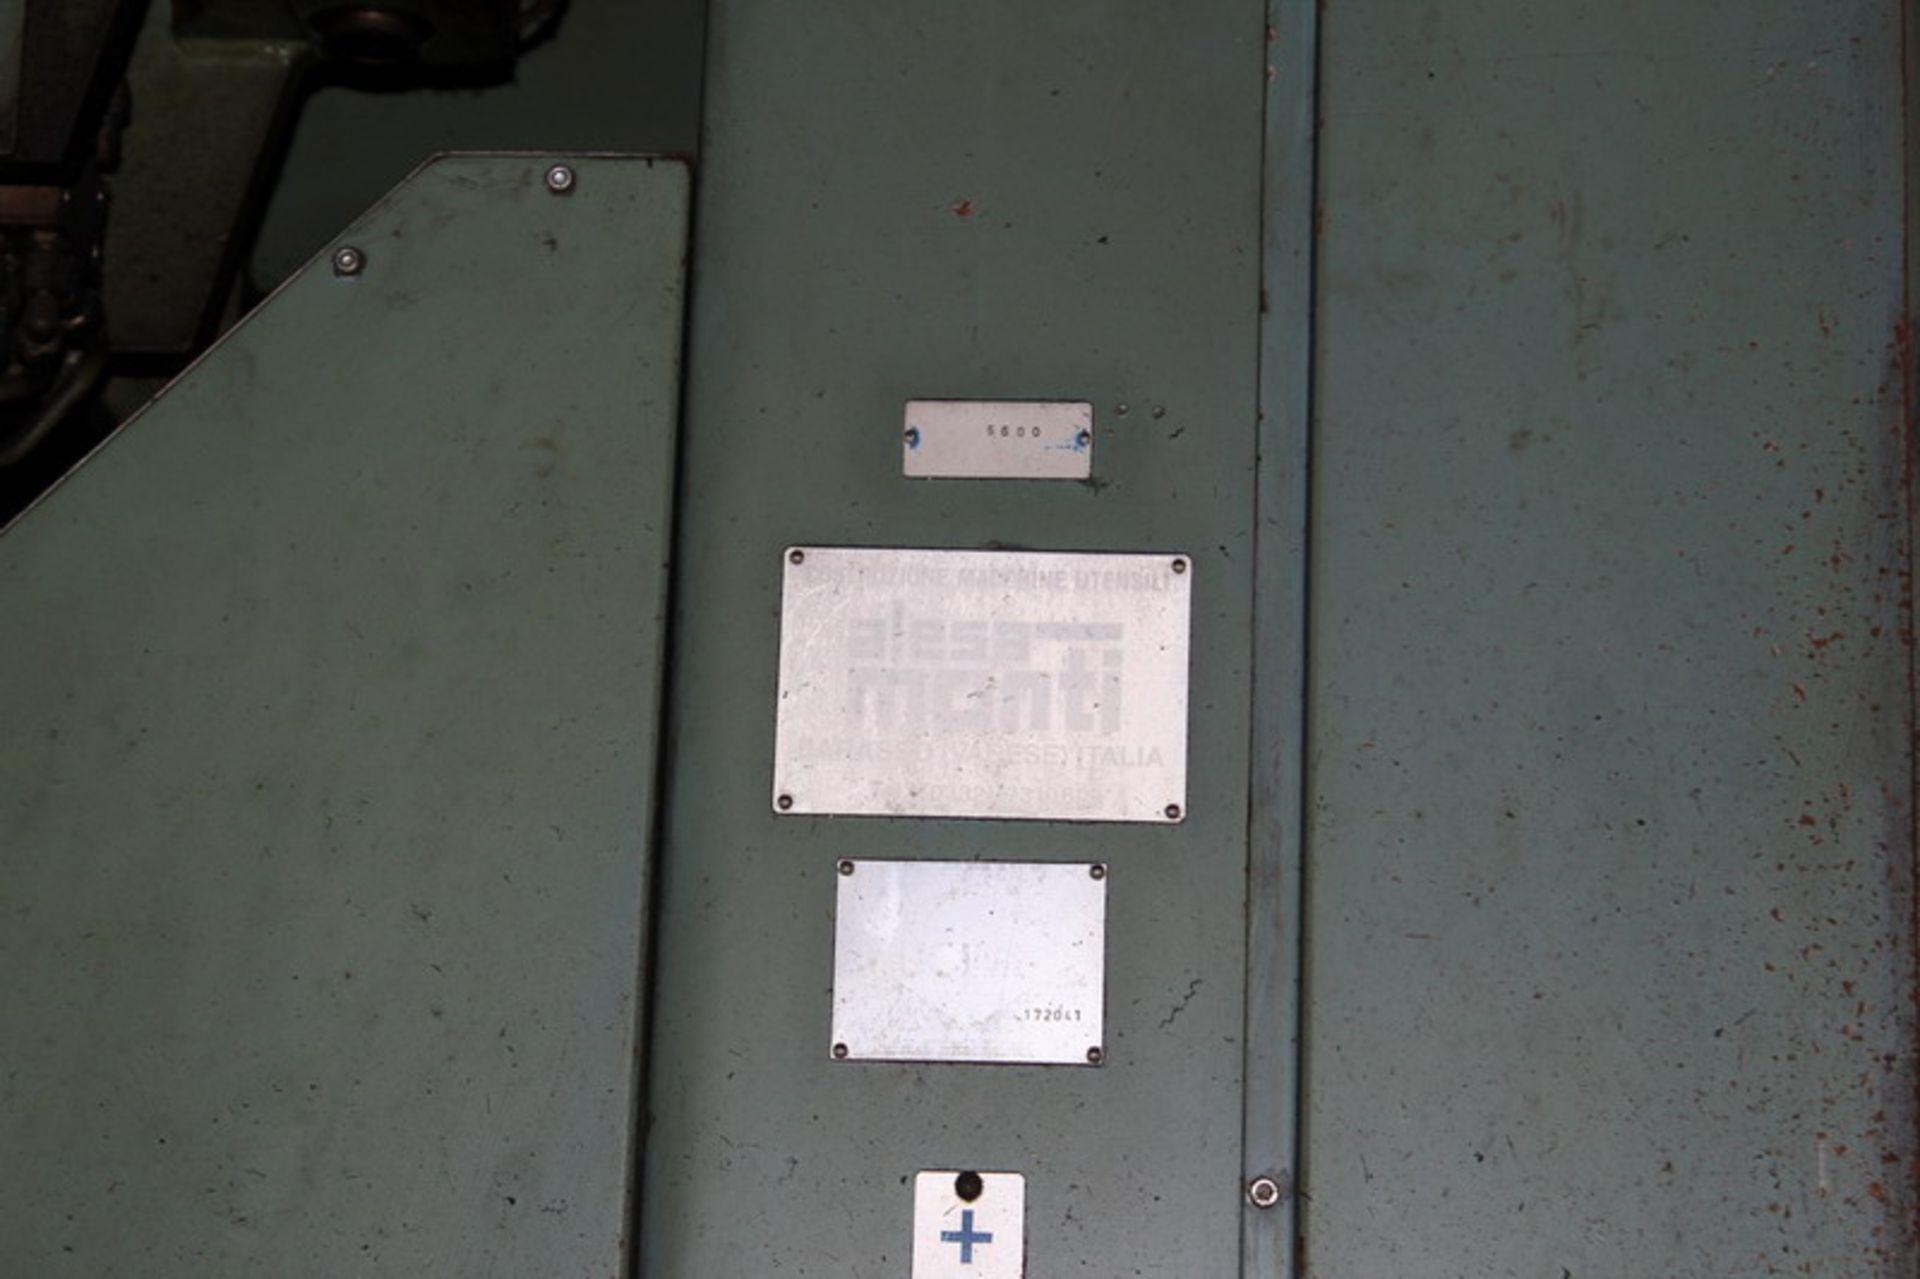 Lotto 58 - N. 2 (N. 725 IVG FALLIMENTO) FRESATRICE ALESAMONTI M.15, N. 172041, NON RINVENUTA LA TARGHETTA E 54